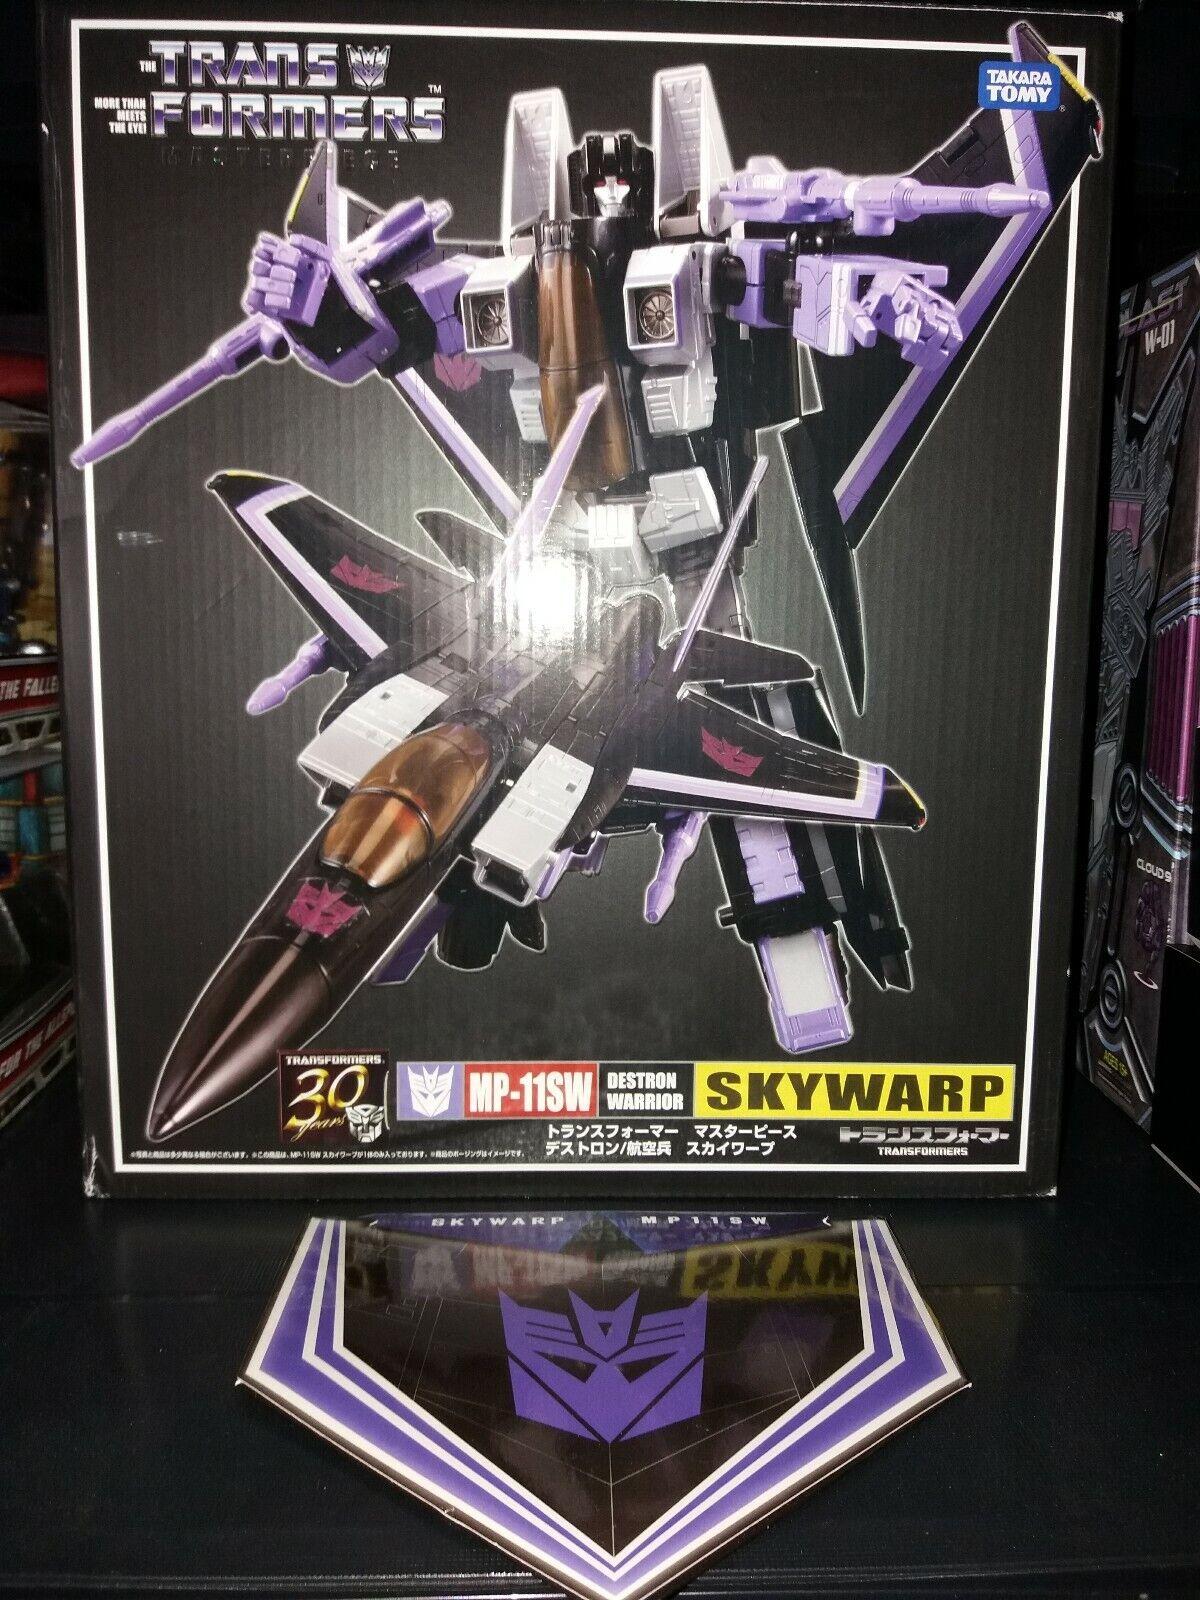 compra limitada Takara Takara Takara MP-11SW Transformers Masterpiece Skywarp con COIB (todos 100% Genuino)  ventas en línea de venta